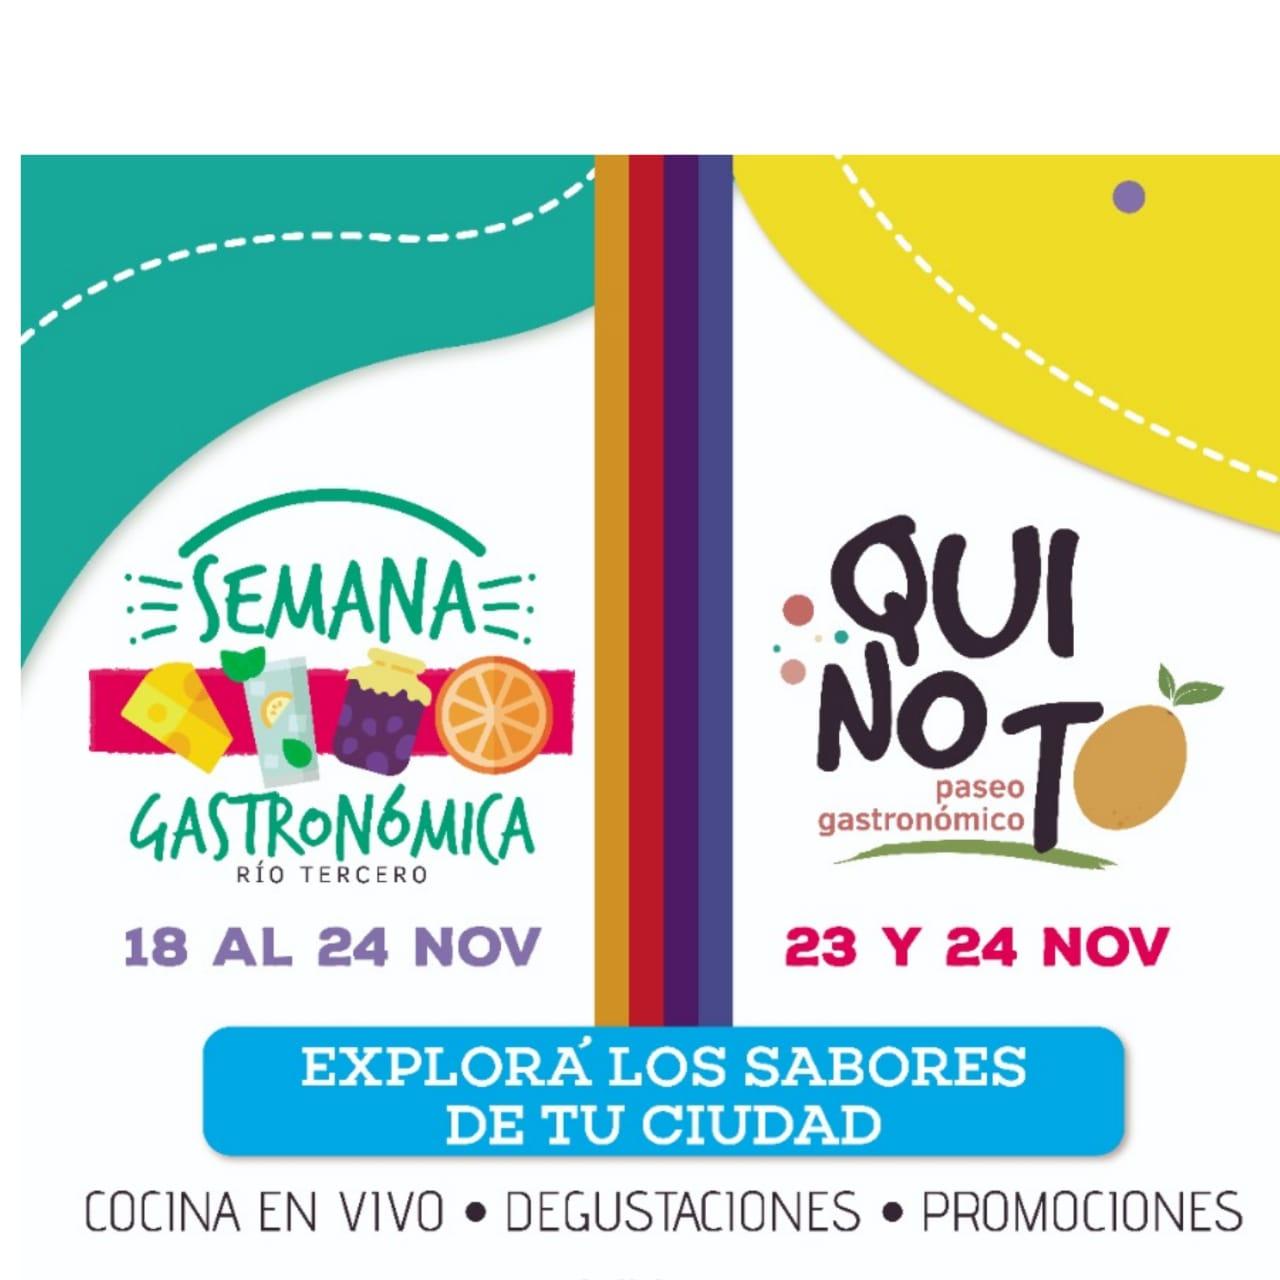 Paseo Grastronómico QUINOTO en Río Tercero